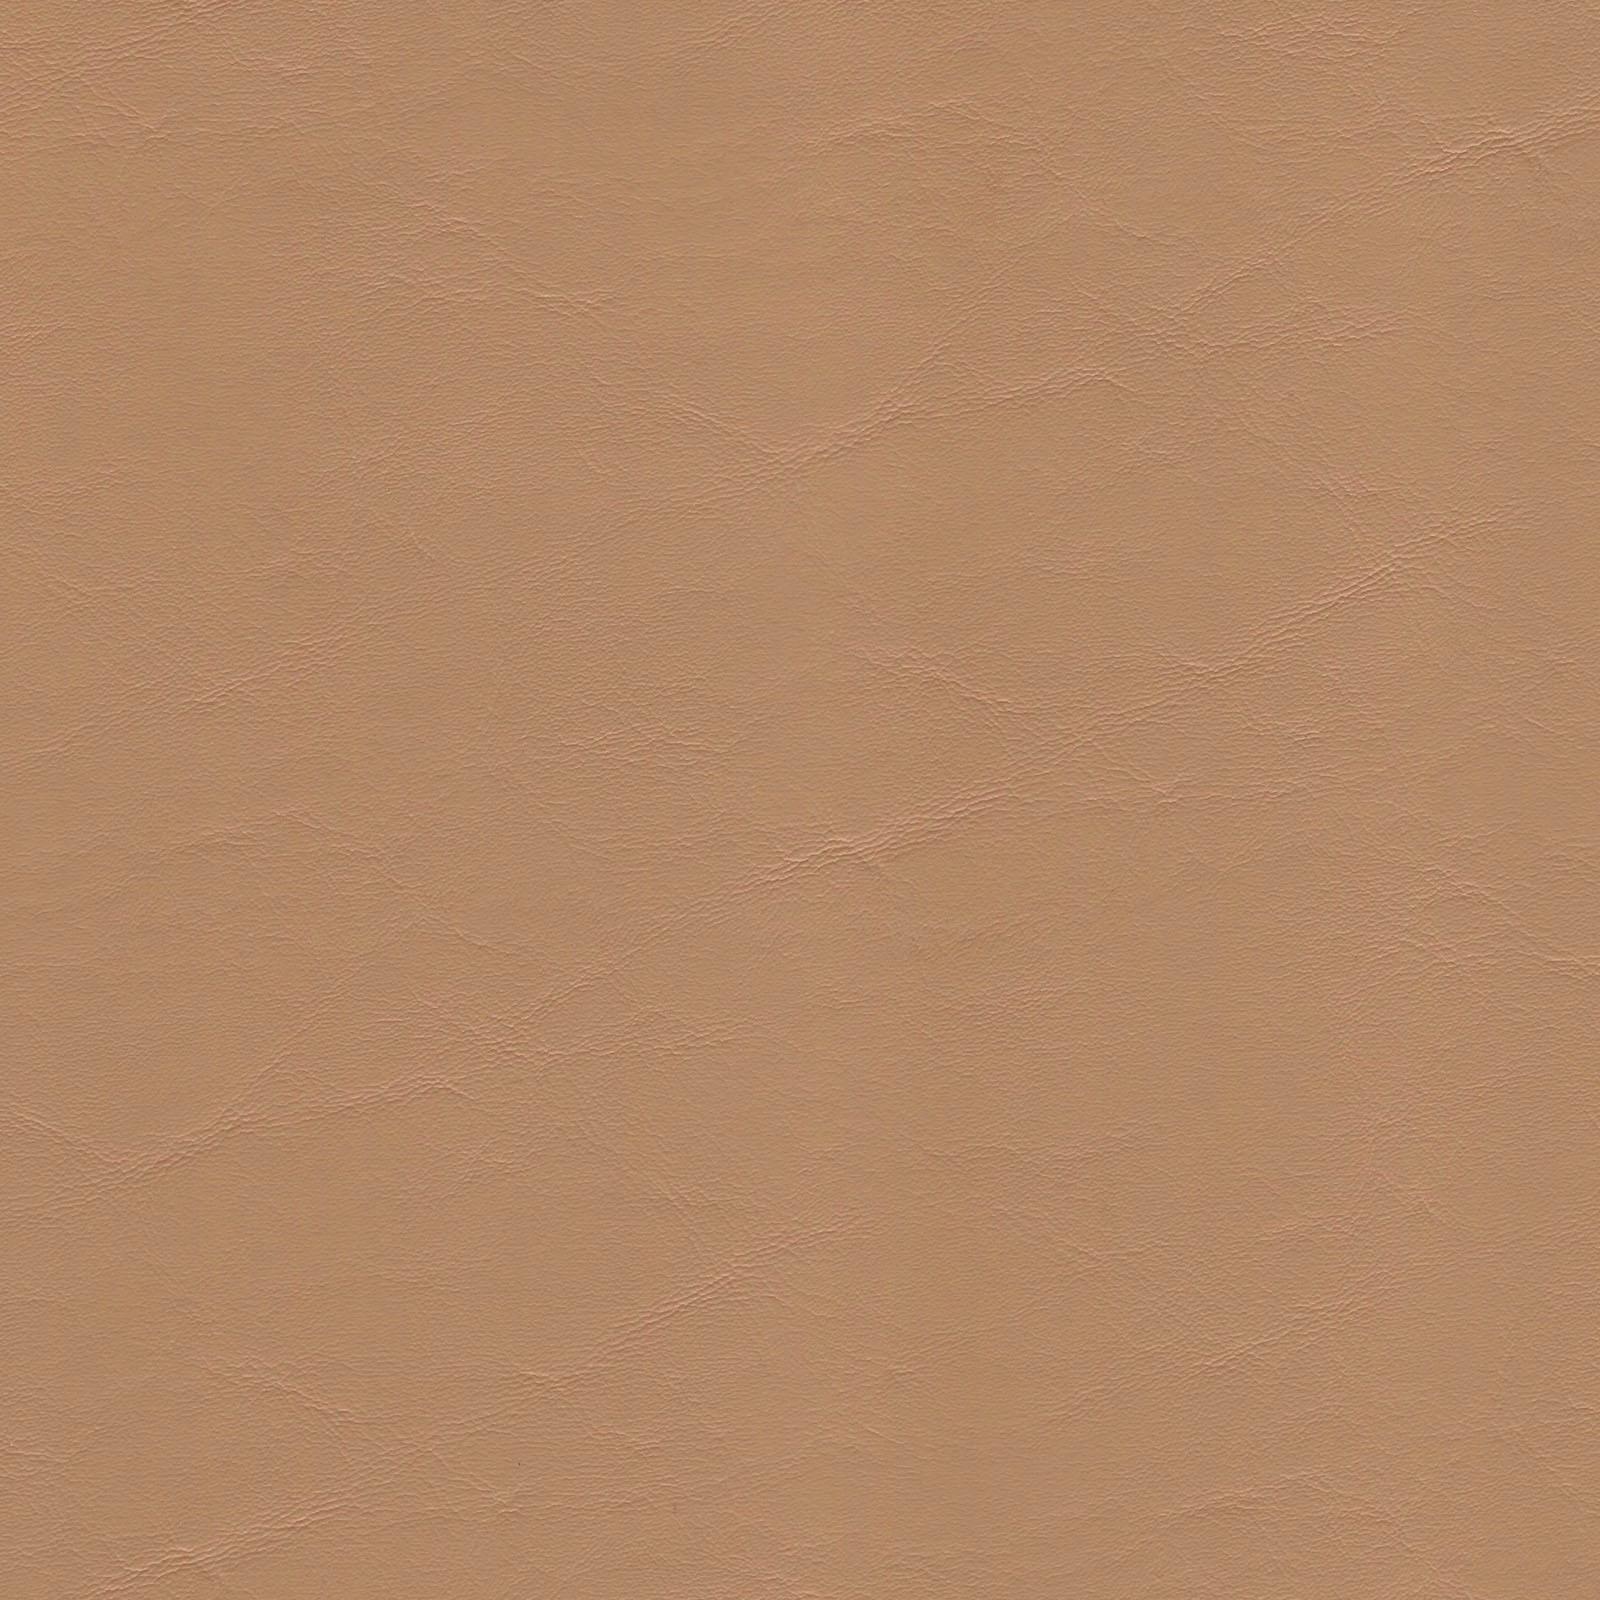 EZ Vinyl - EZY-5811 - Wallaby Tan